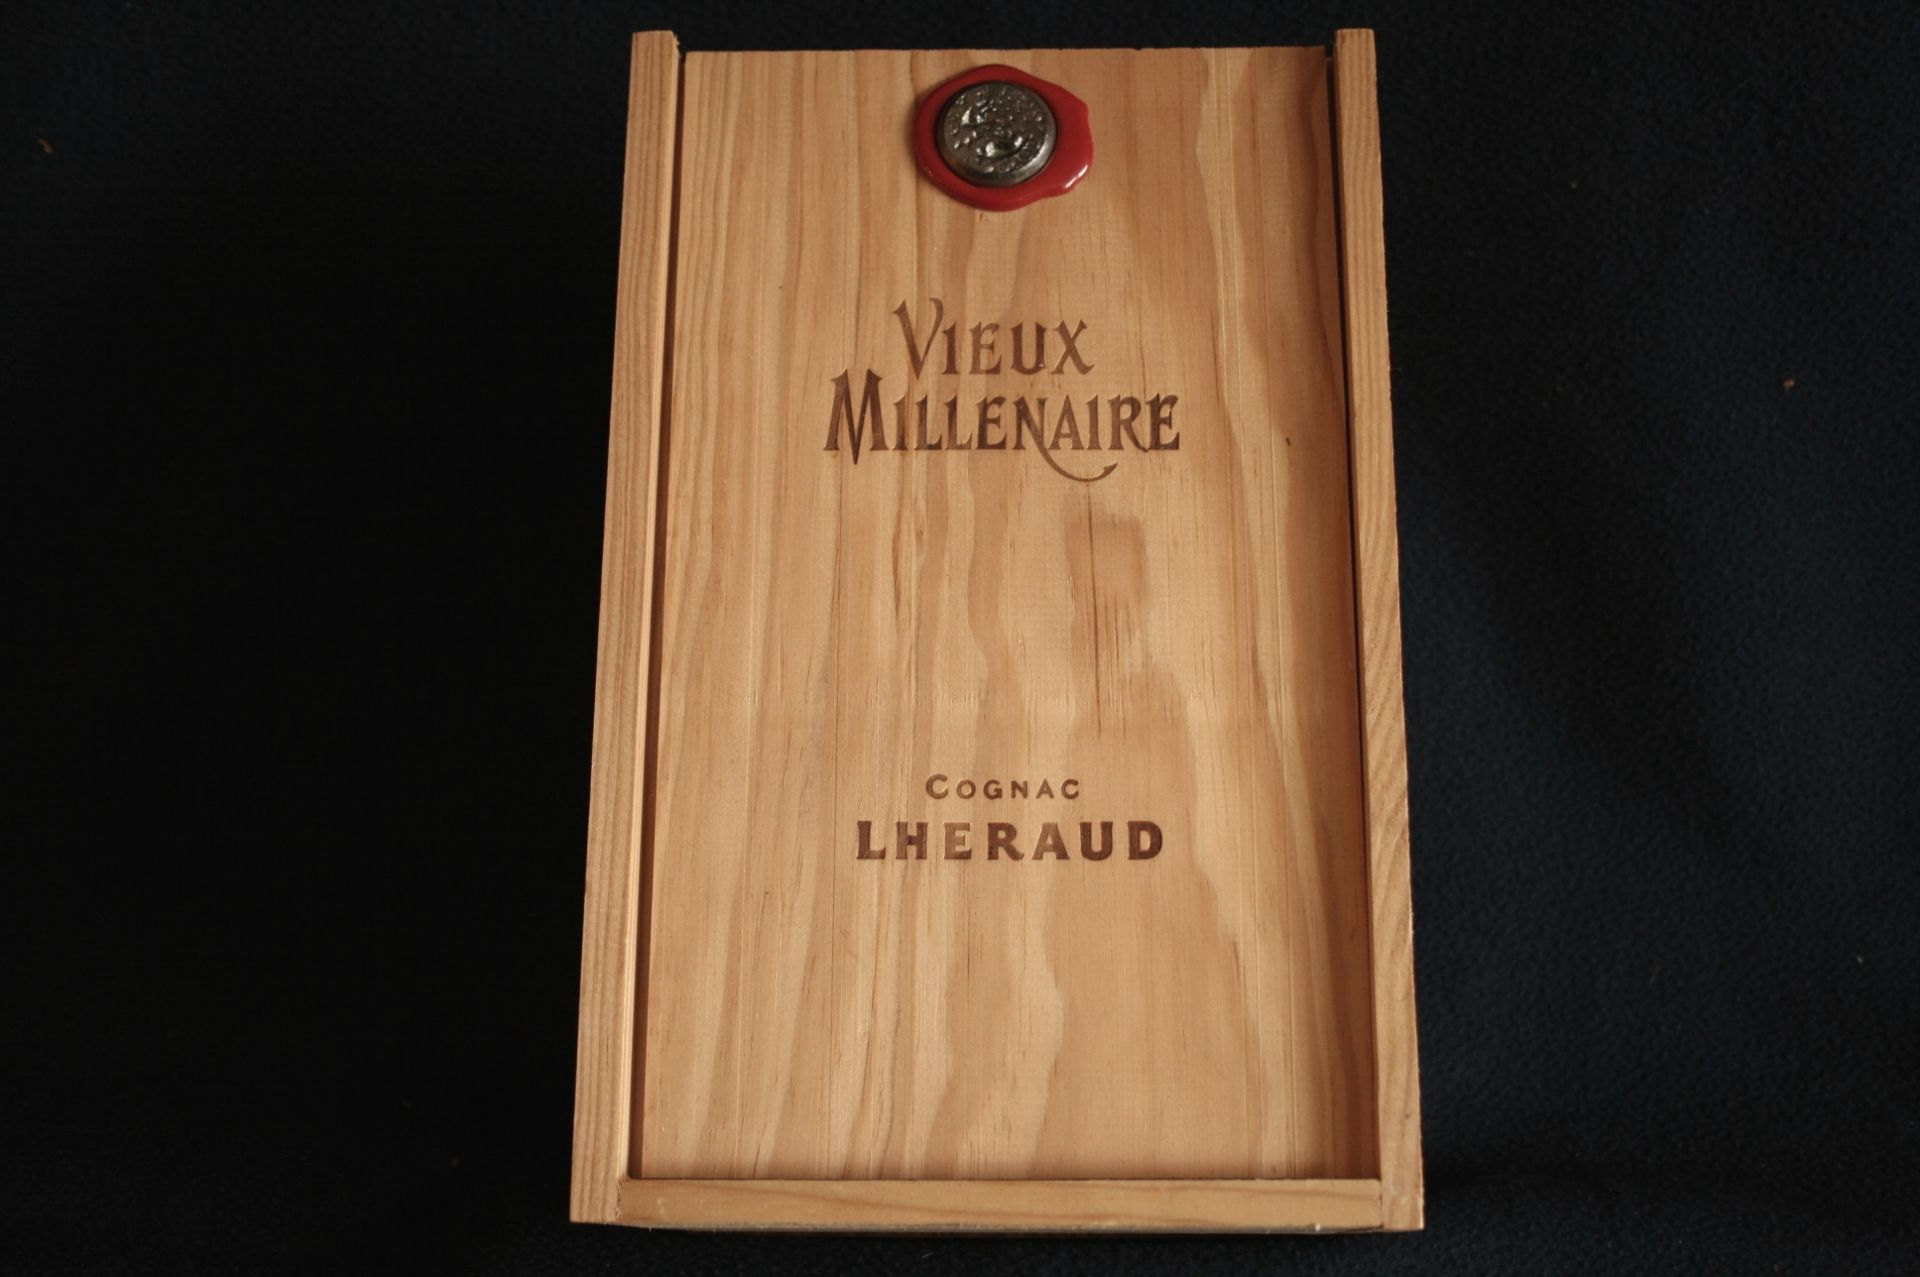 """Los 12 - Cognac LHERAUD """"Vieux Millénaire"""" - 25 ans d'âge, Petite champagne, 43% vol. - [...]"""